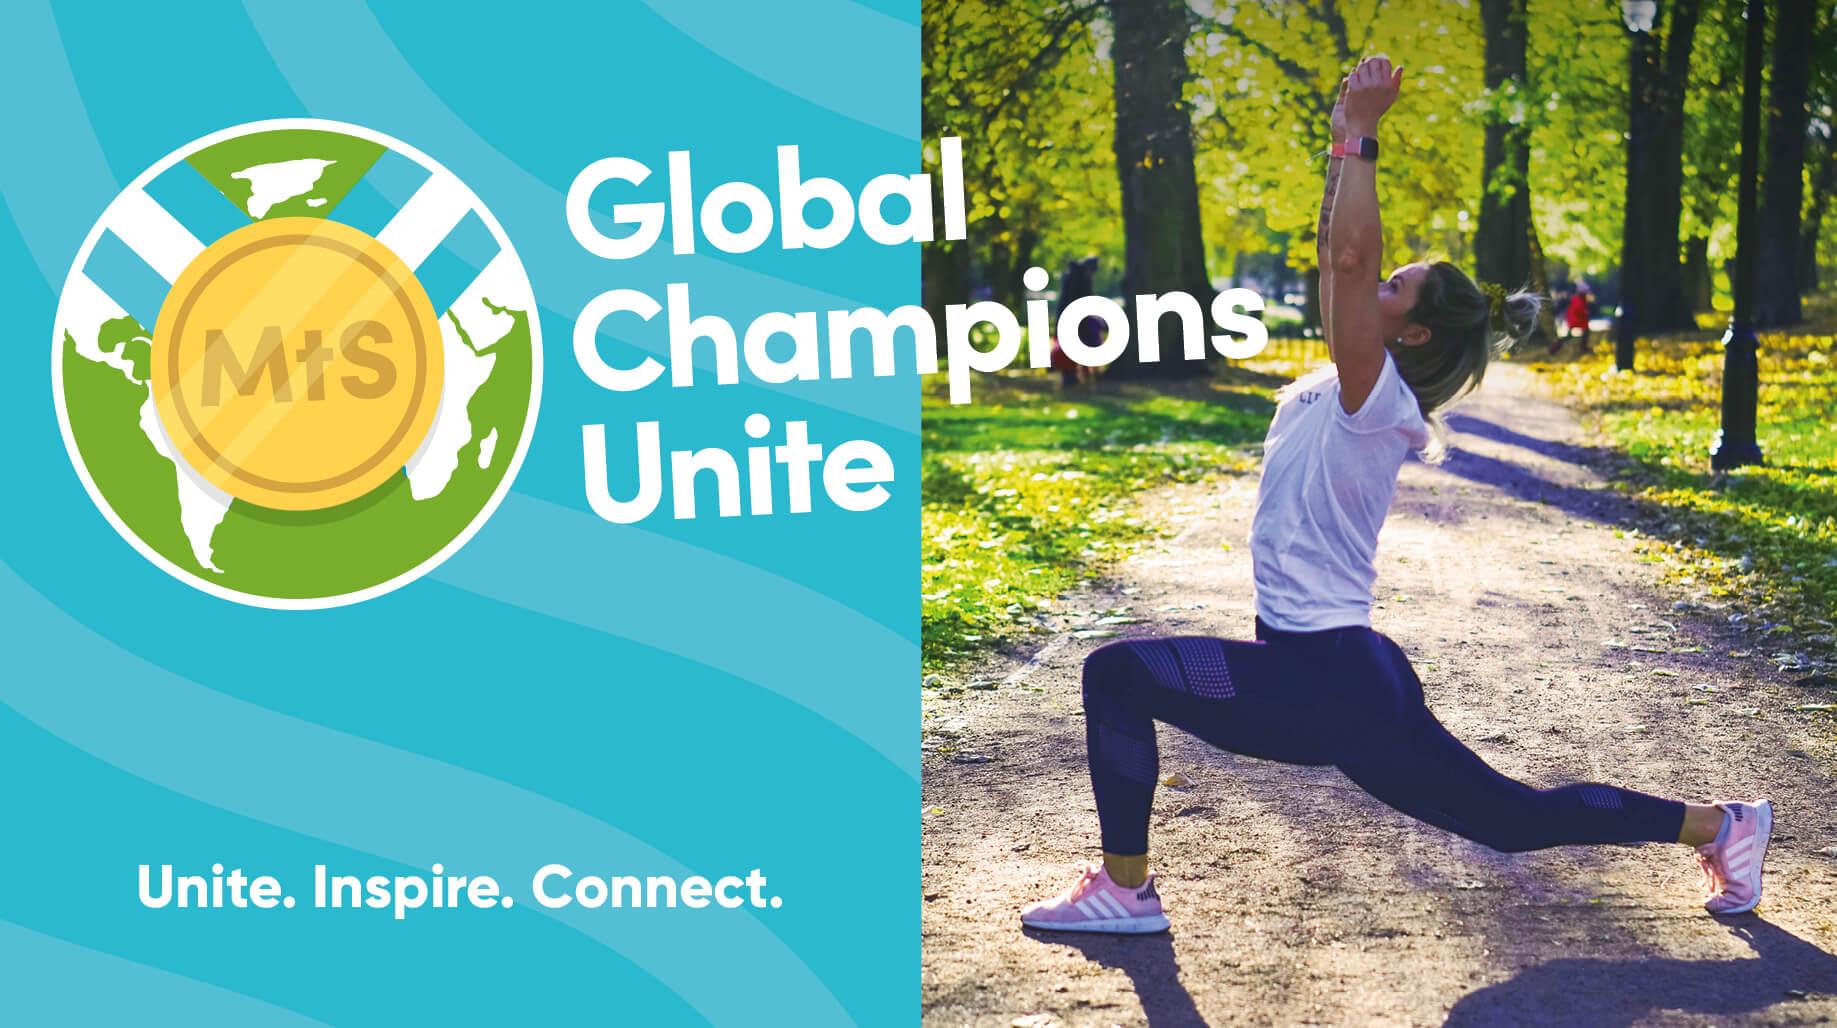 GLOBAL CHAMPIONS UNITE!